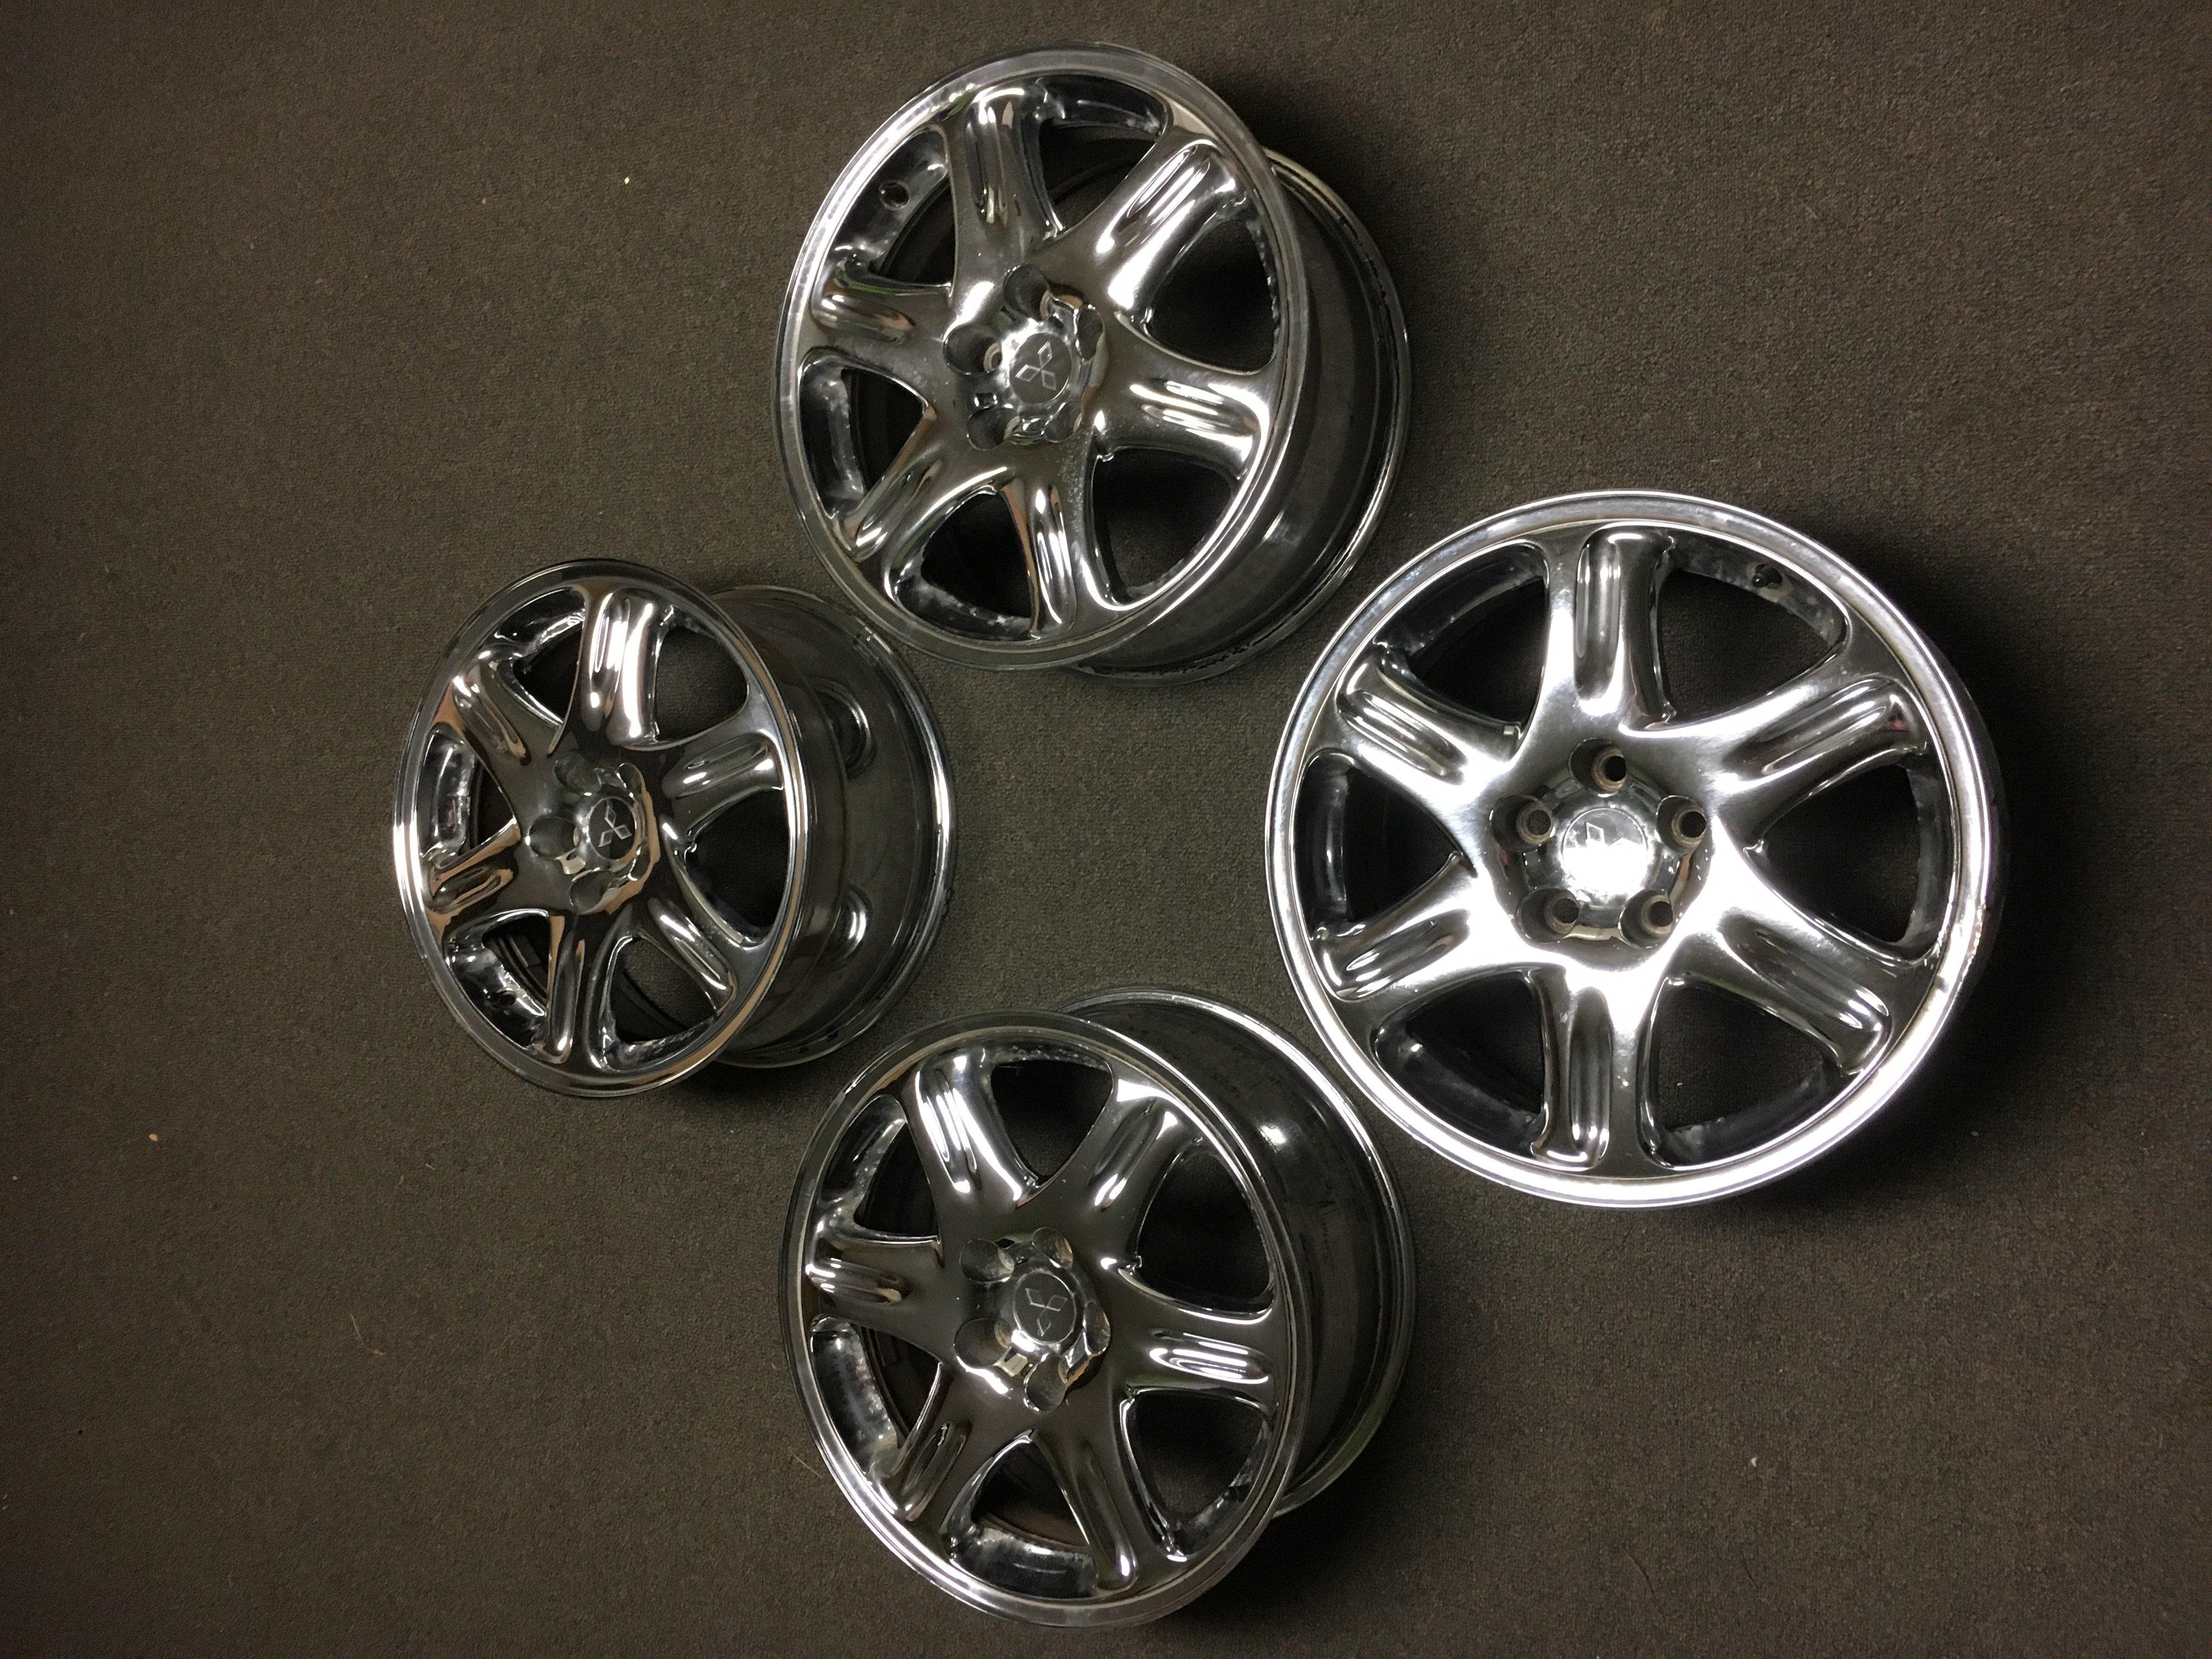 OEM Mitsubishi Aluminum Alloy Wheels-img_1691.jpg